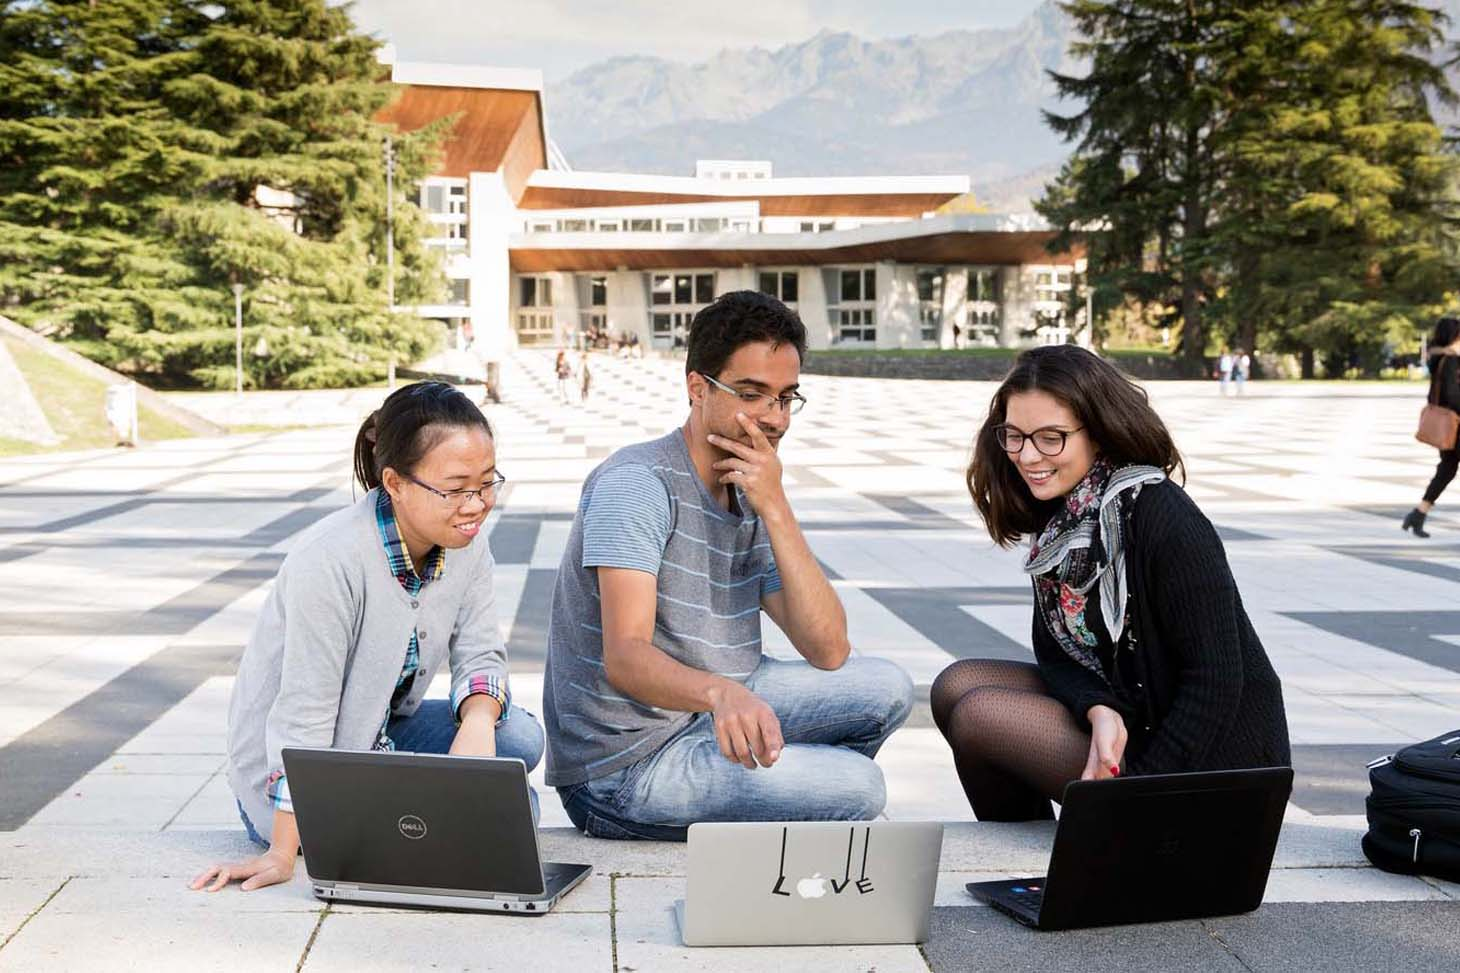 Des étudiants sur le campus de Saint-Martin-d'Hères